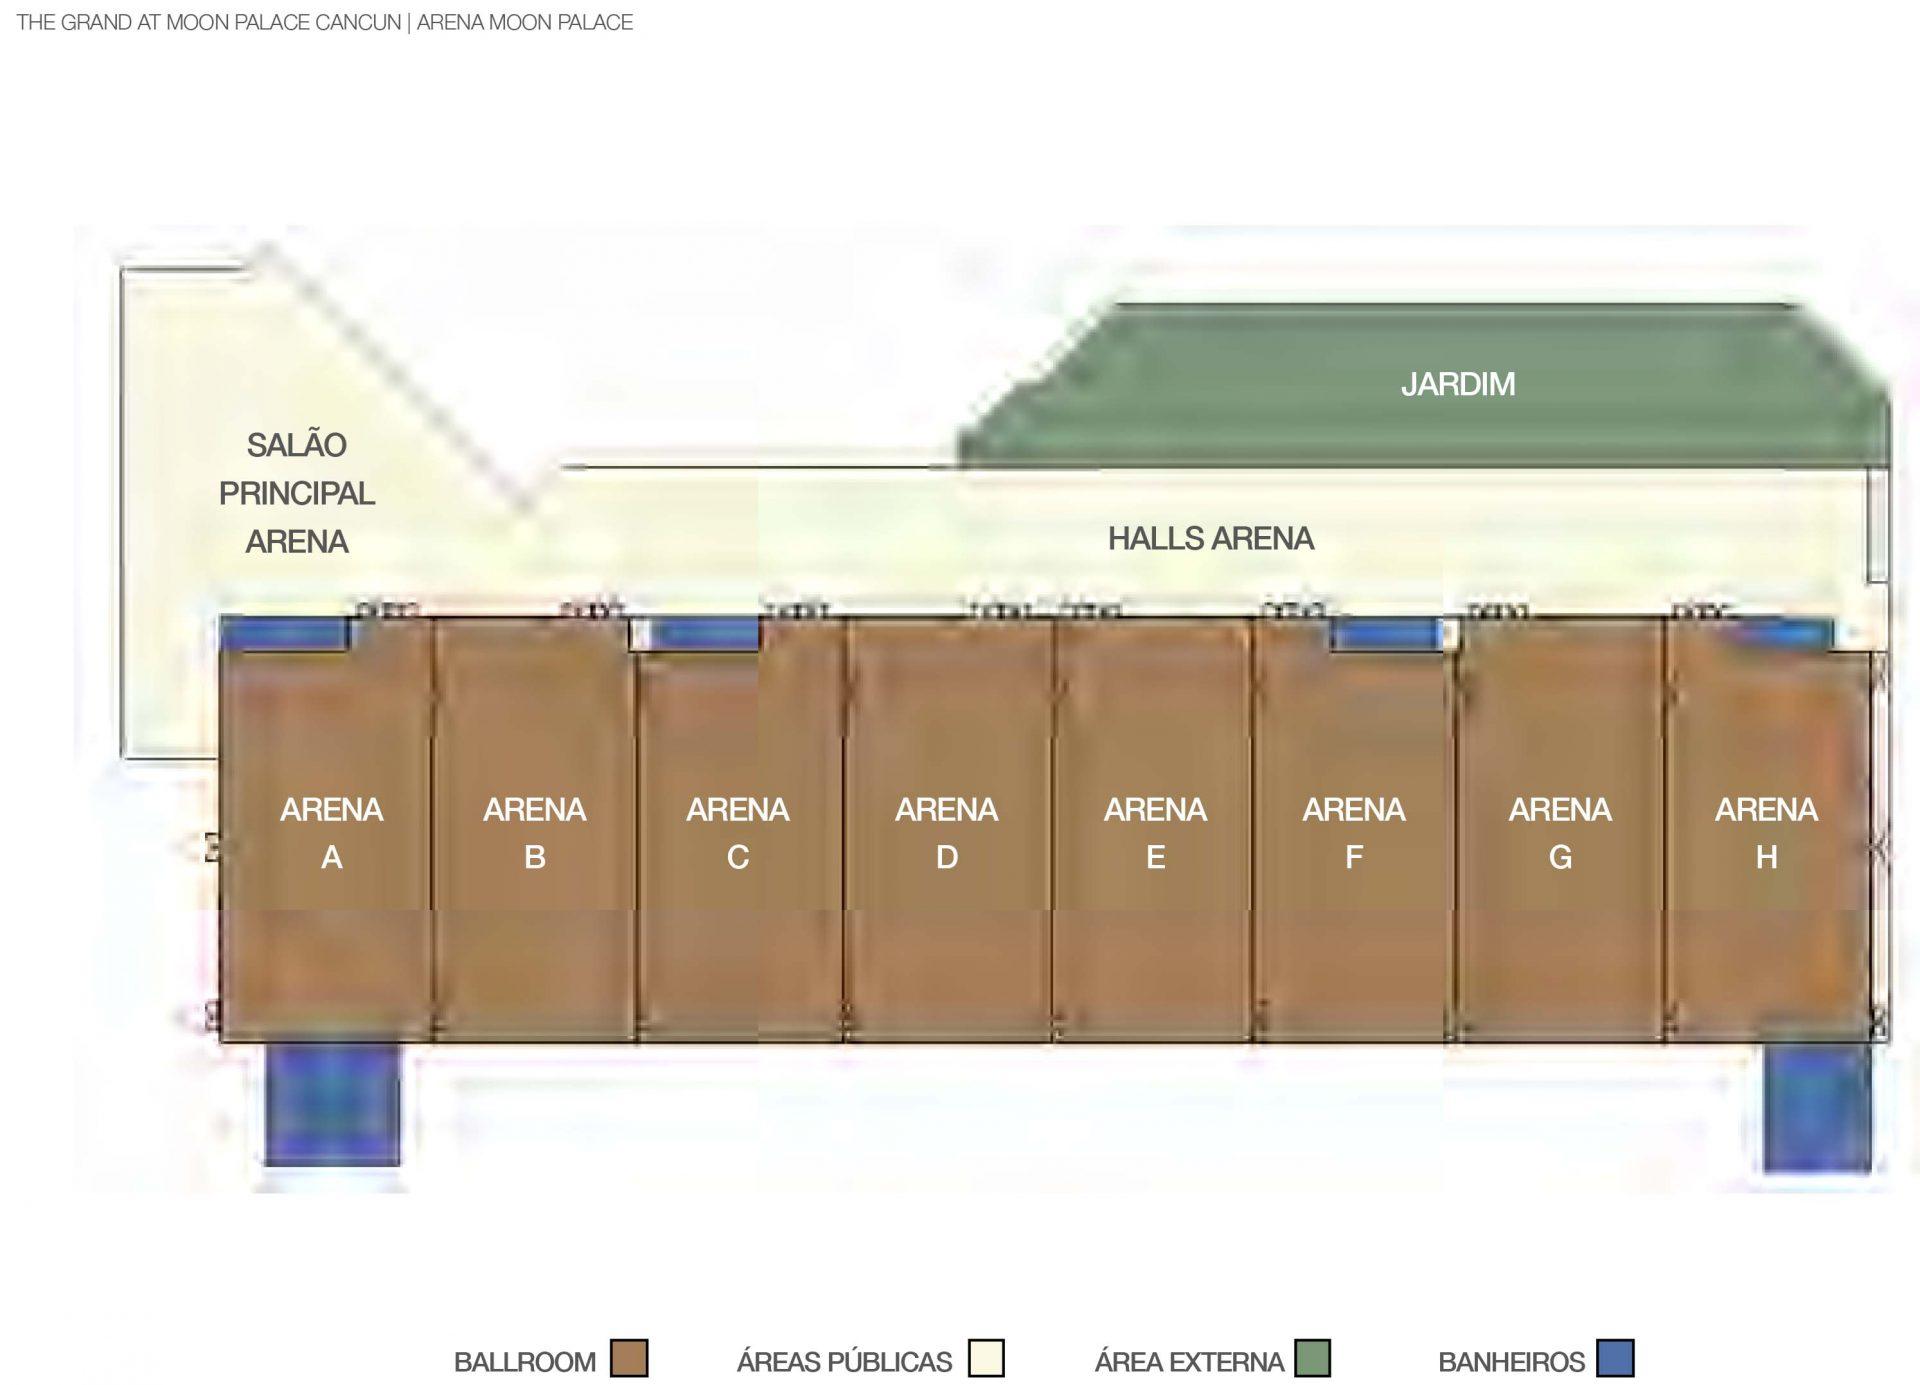 The Grand at Moon Palace Cancun - Arena Moon Palace Planta Baixa